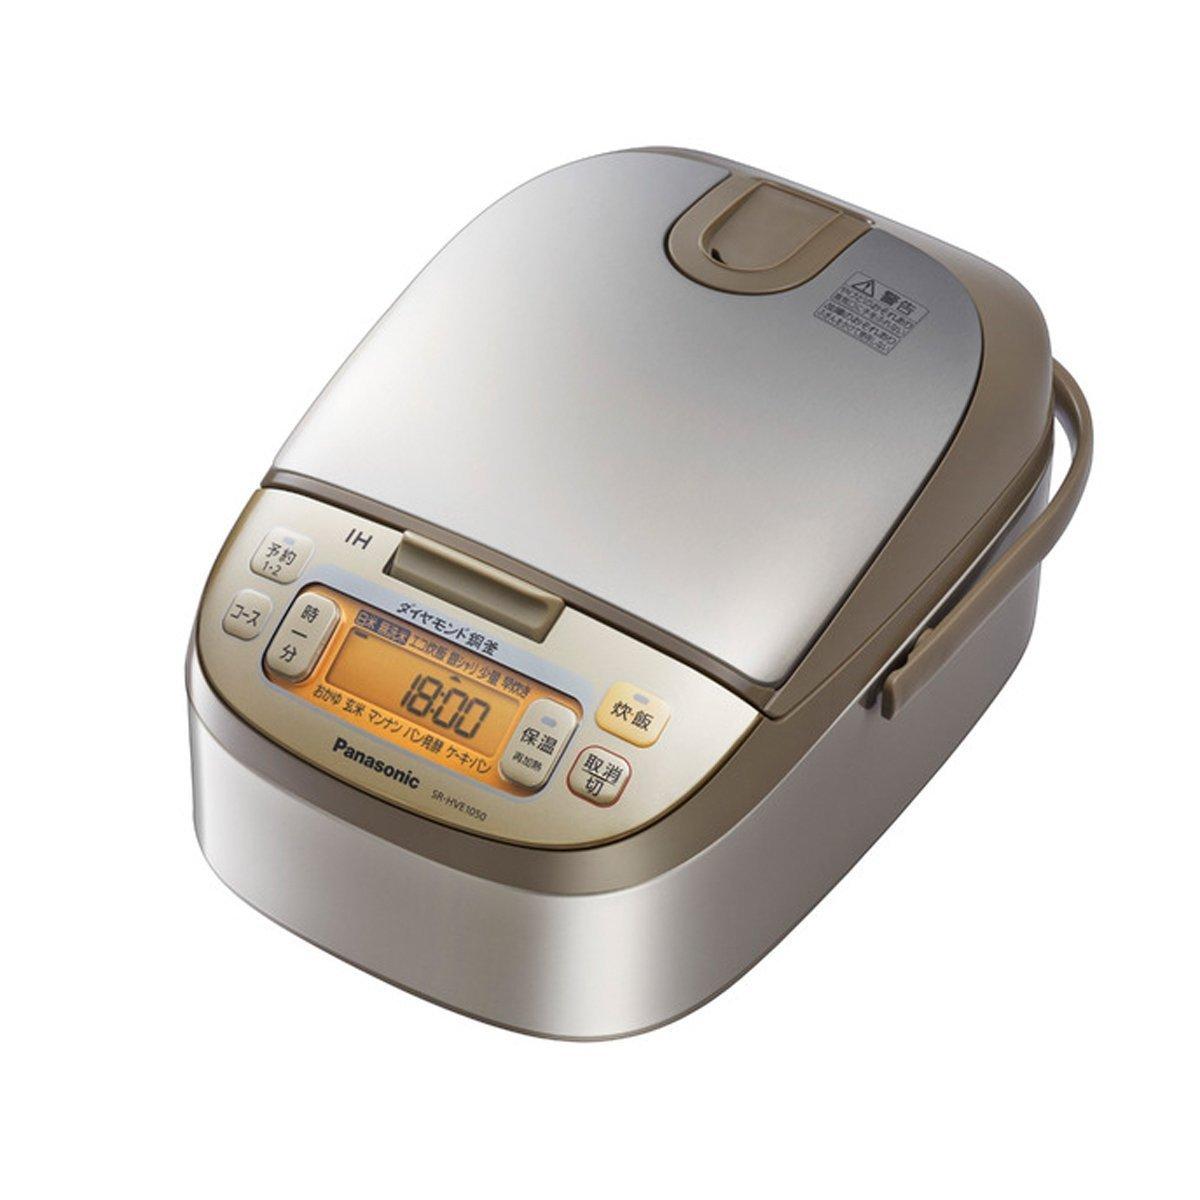 パナソニック IH炊飯器 SR-HVE1050-N   B01CNXXAY4